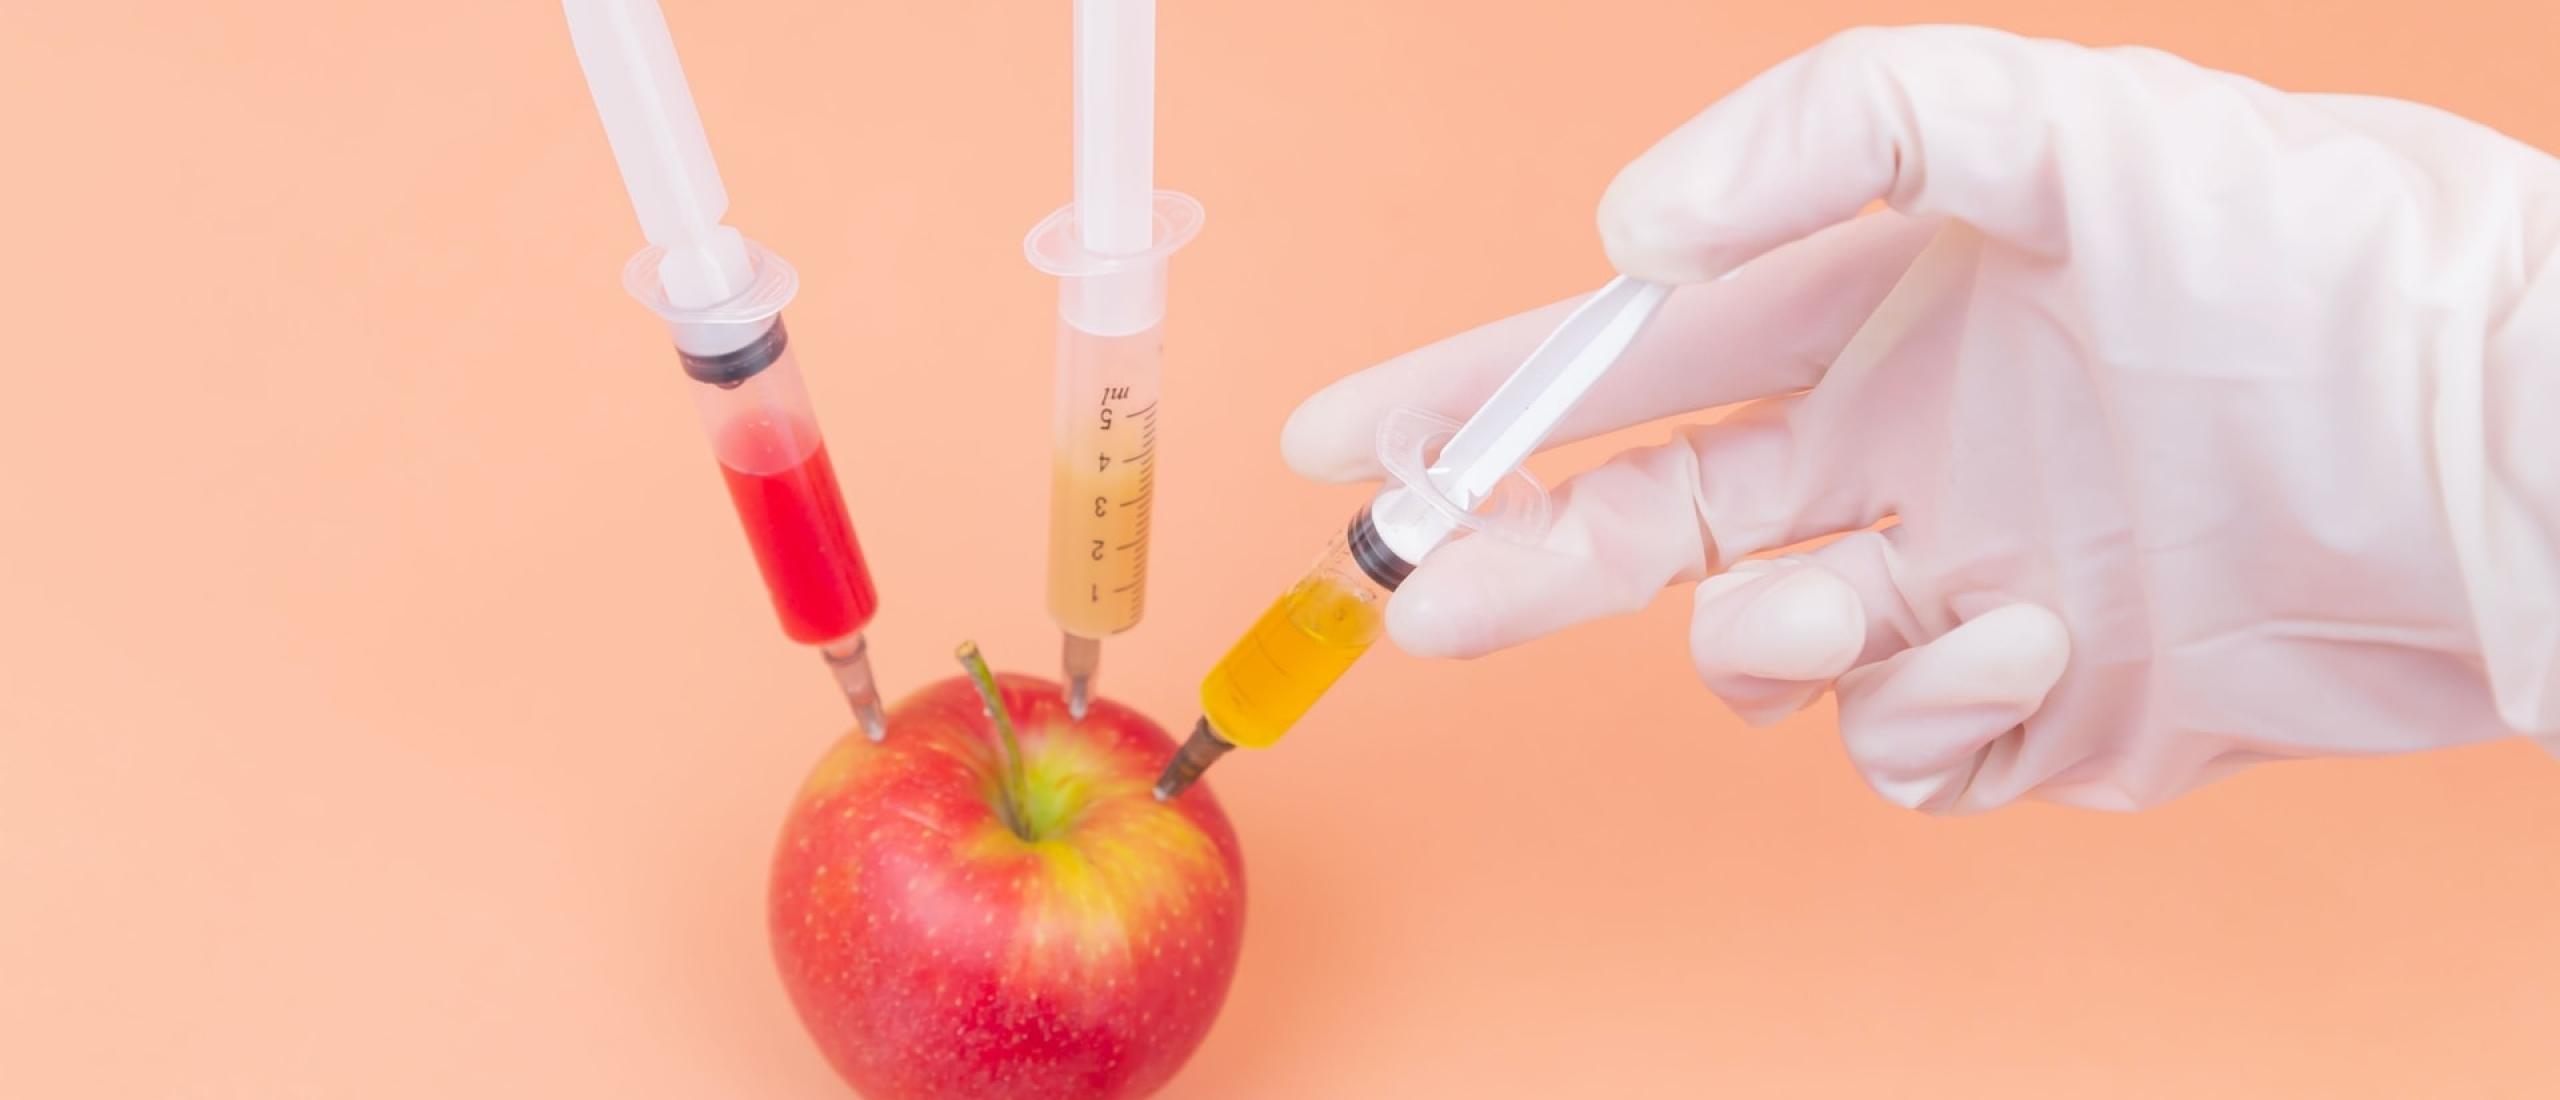 Voeding werkt volgens exact dezelfde mechanismen als Medicatie